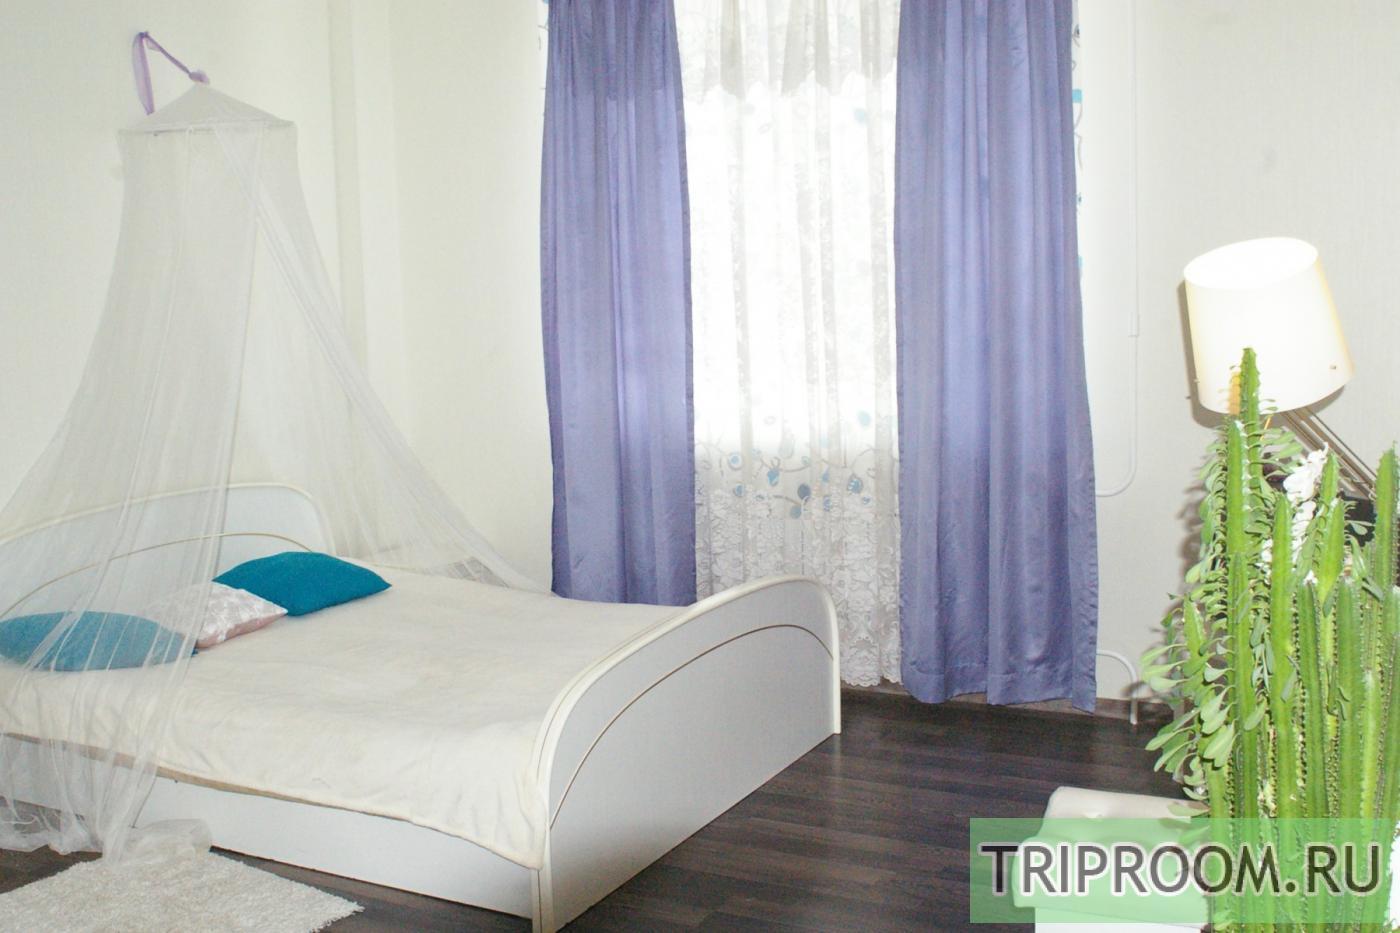 1-комнатная квартира посуточно (вариант № 300), ул. Чистопольская улица, фото № 1